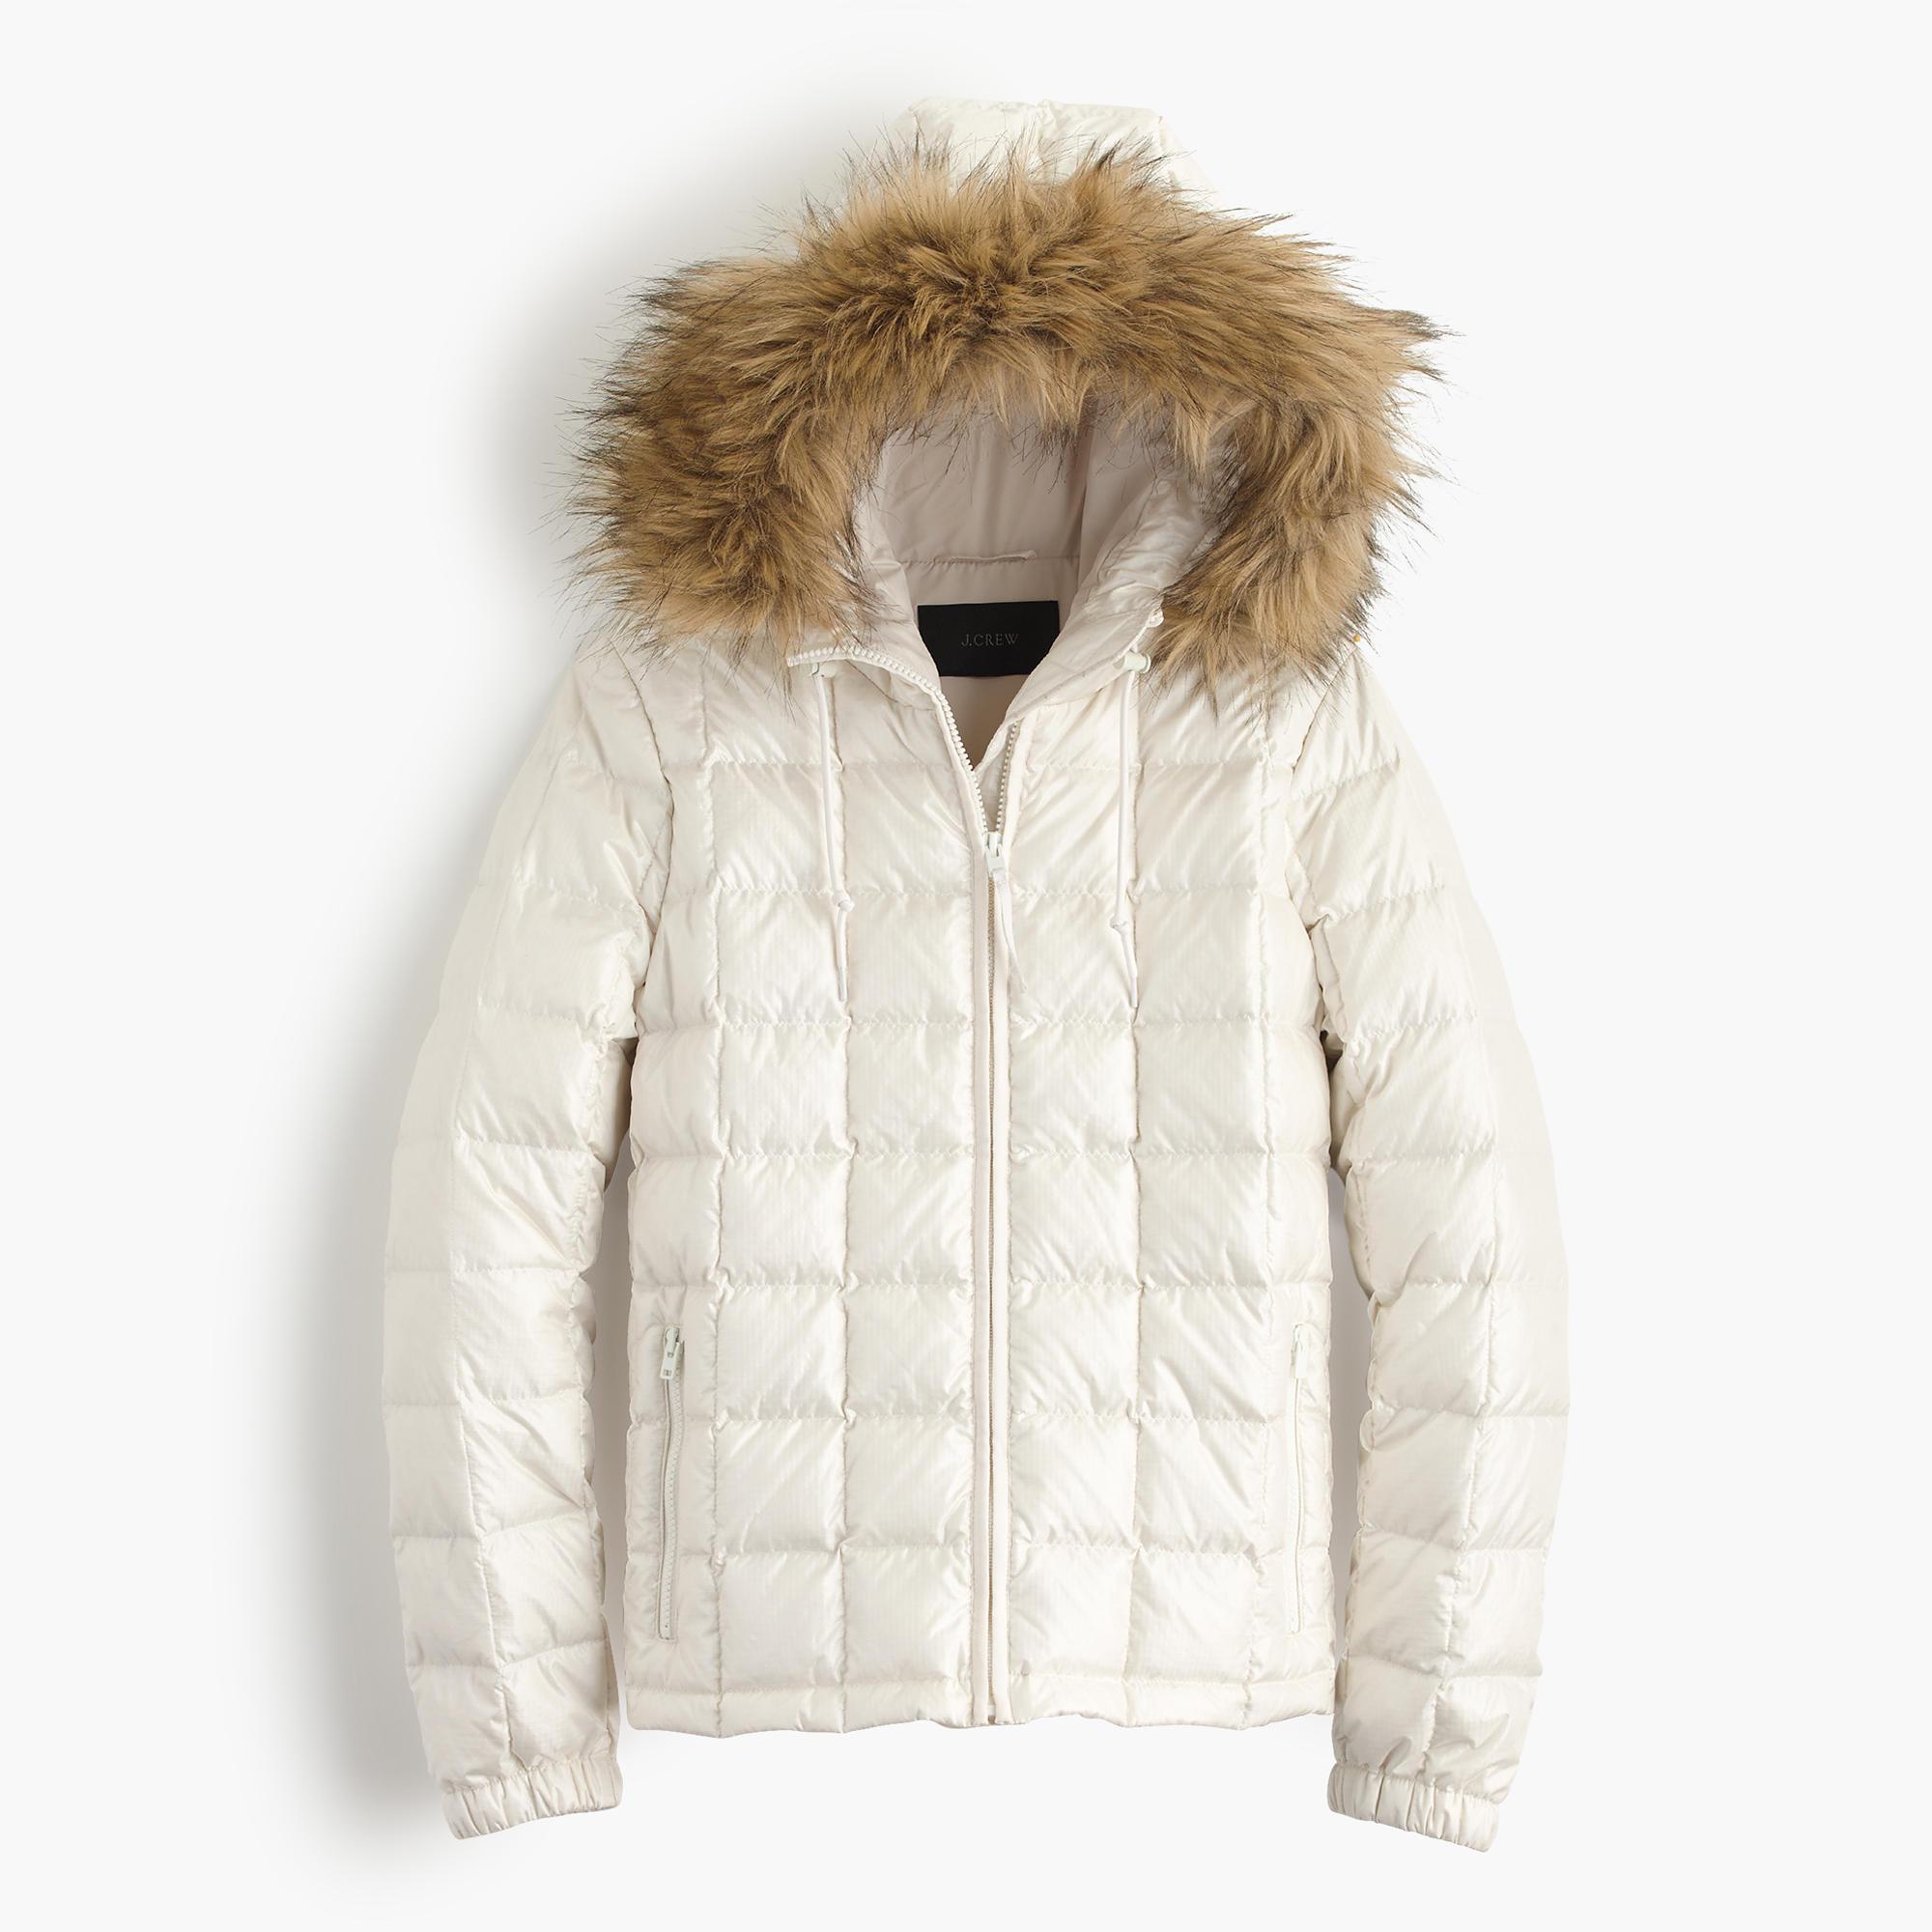 Fashion: The White Puffy CoatWhite Cabana | White Cabana